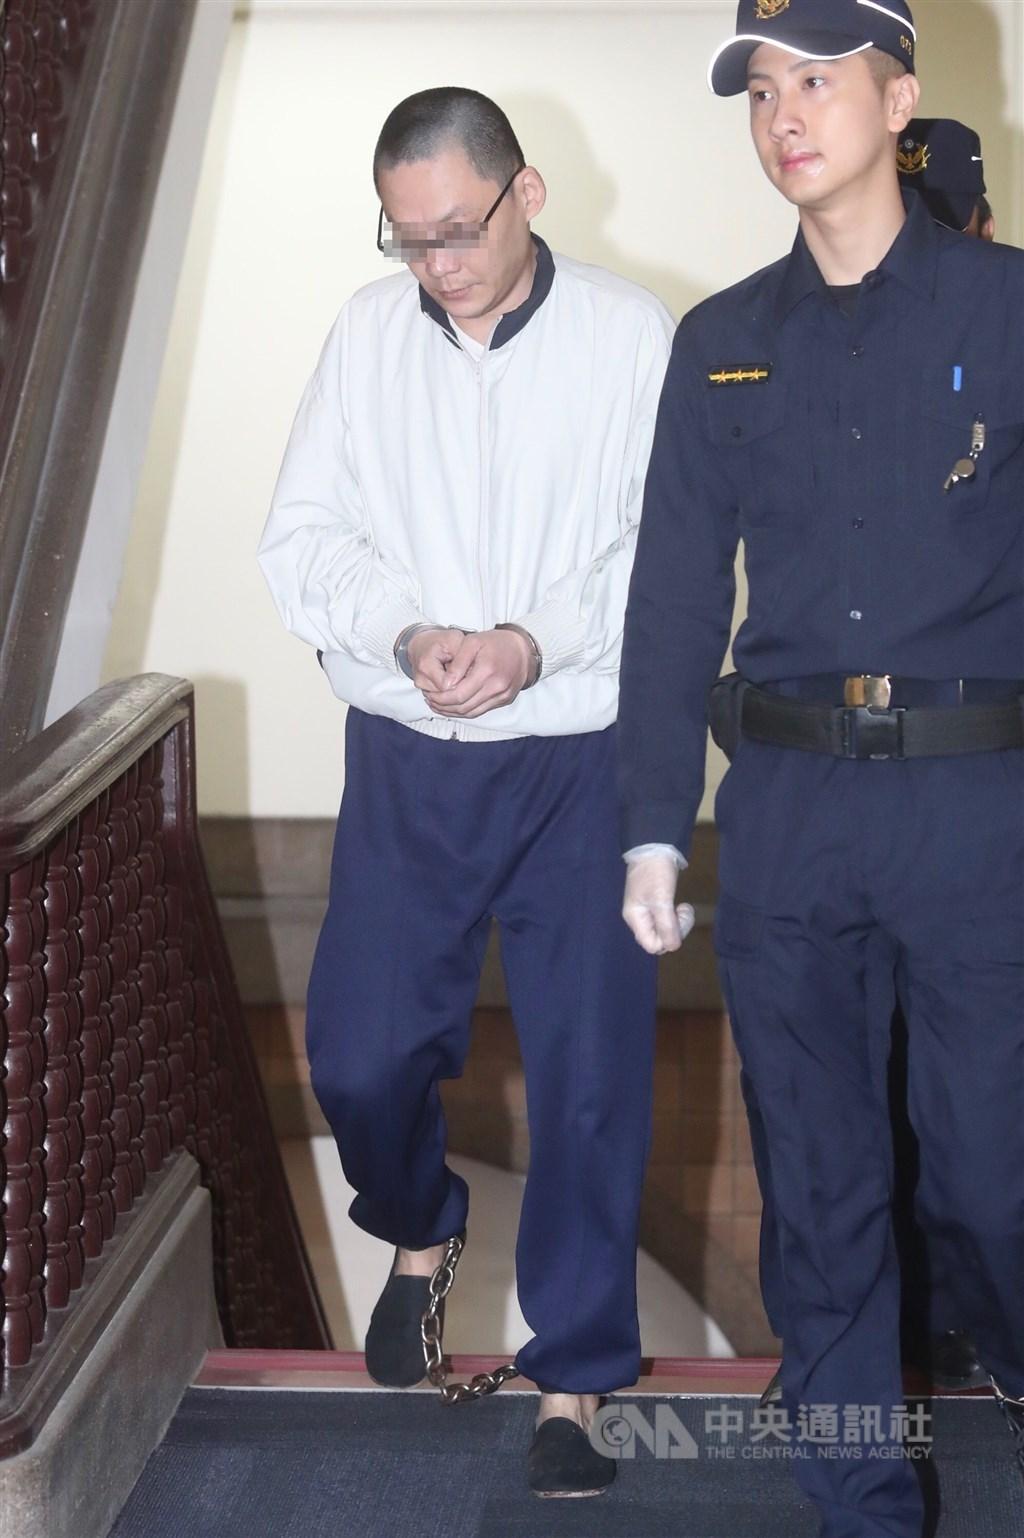 台灣高等法院更一審16日審理女童小燈泡命案,王姓凶嫌(左)出庭。中央社記者吳家昇攝 108年12月16日